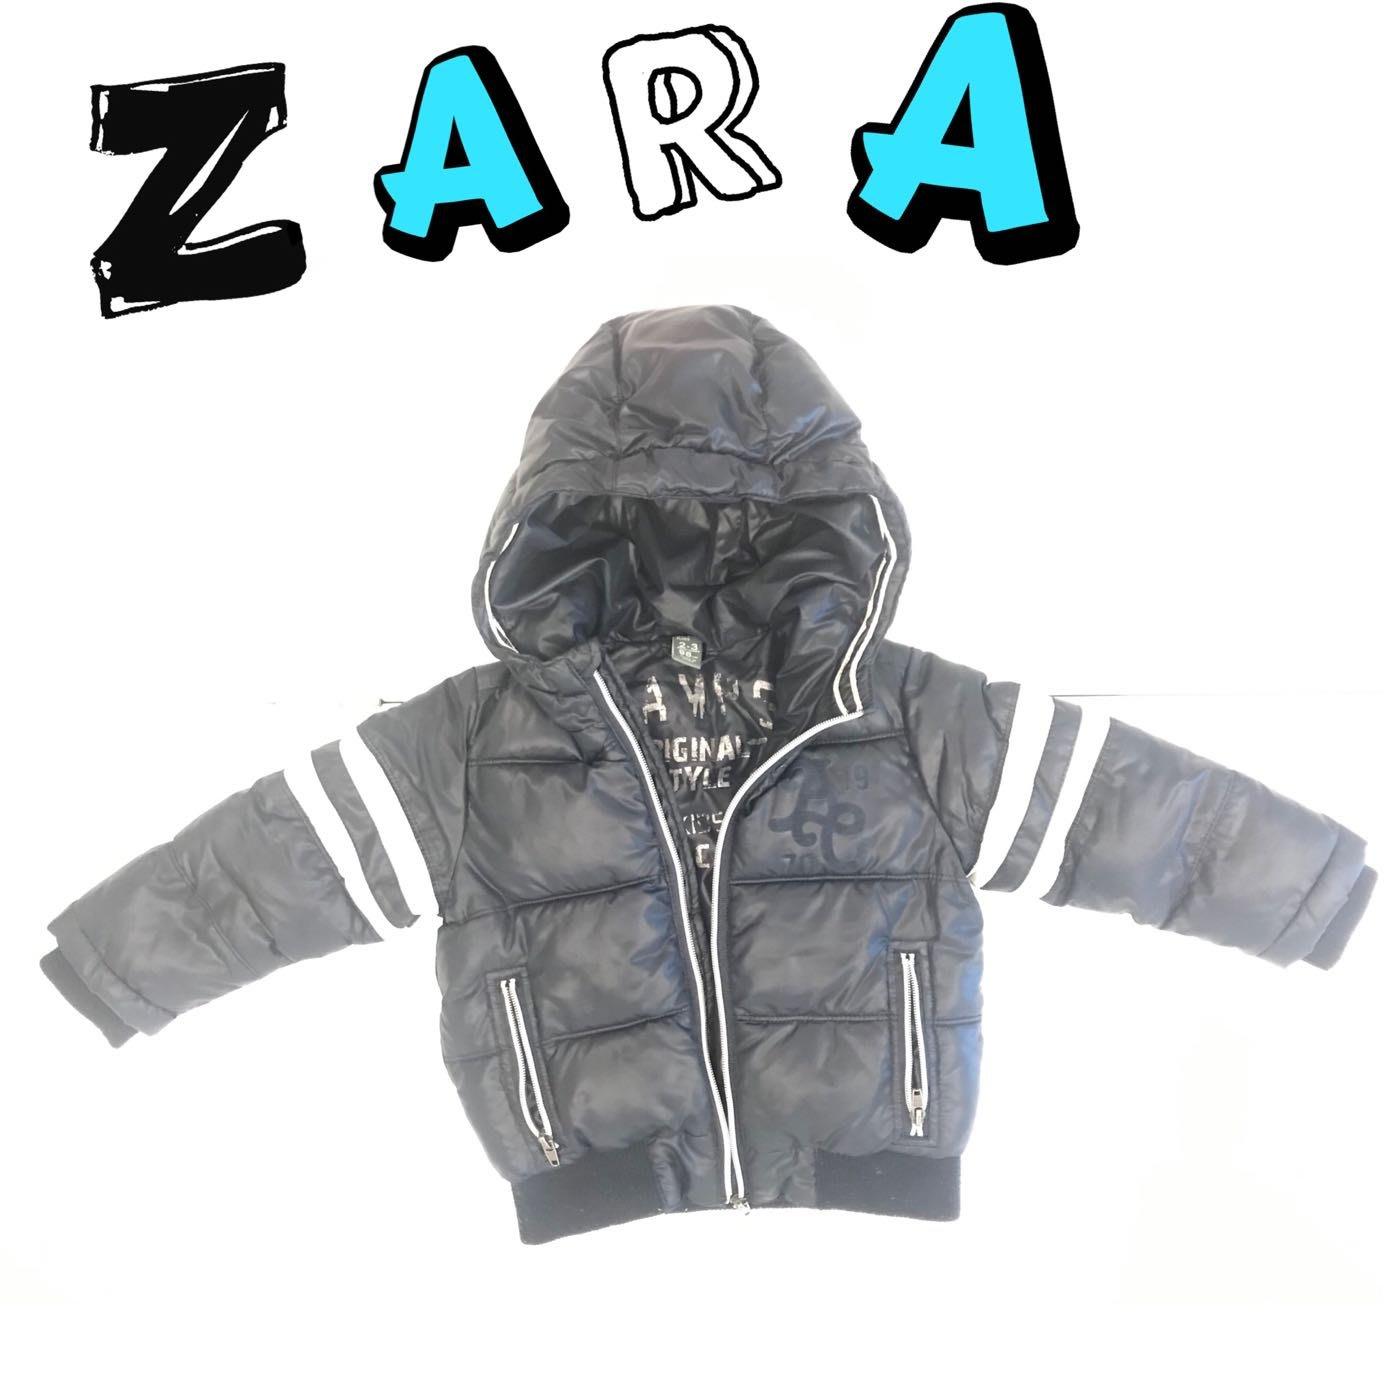 ZARA 幼童鋪棉保暖外套 2-3歲